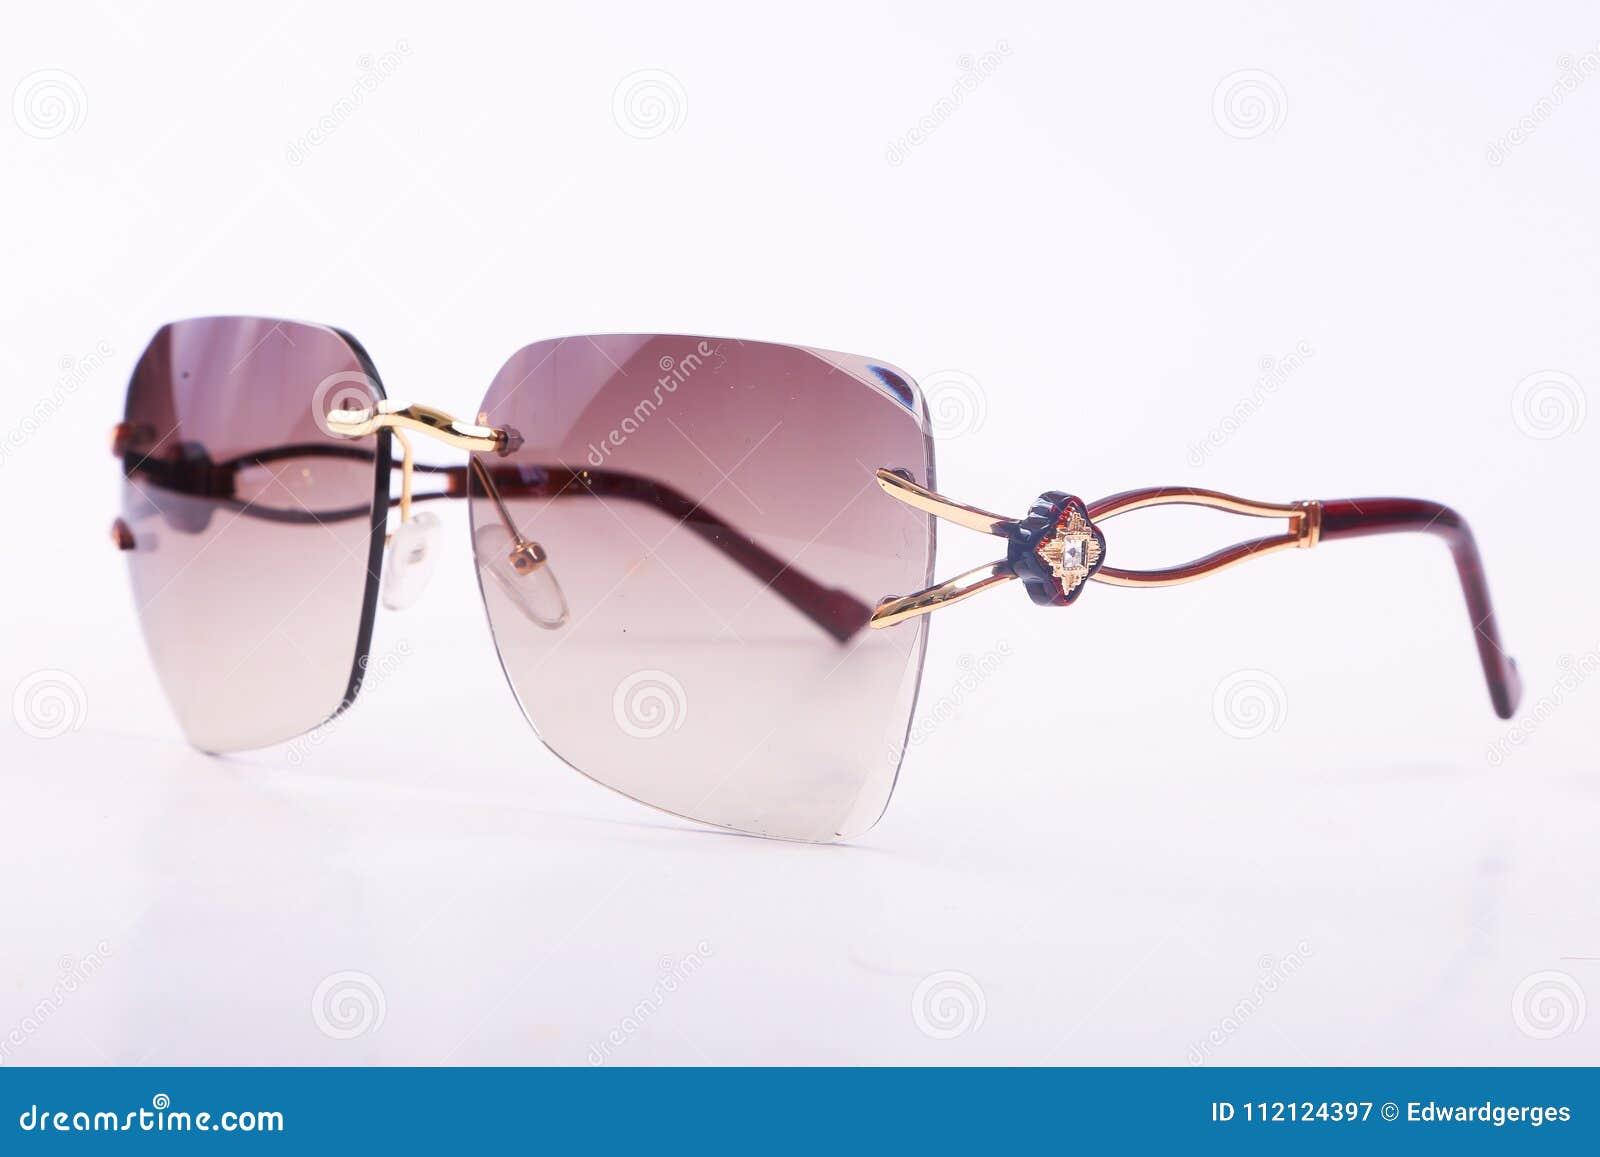 Sunglasses for modern women